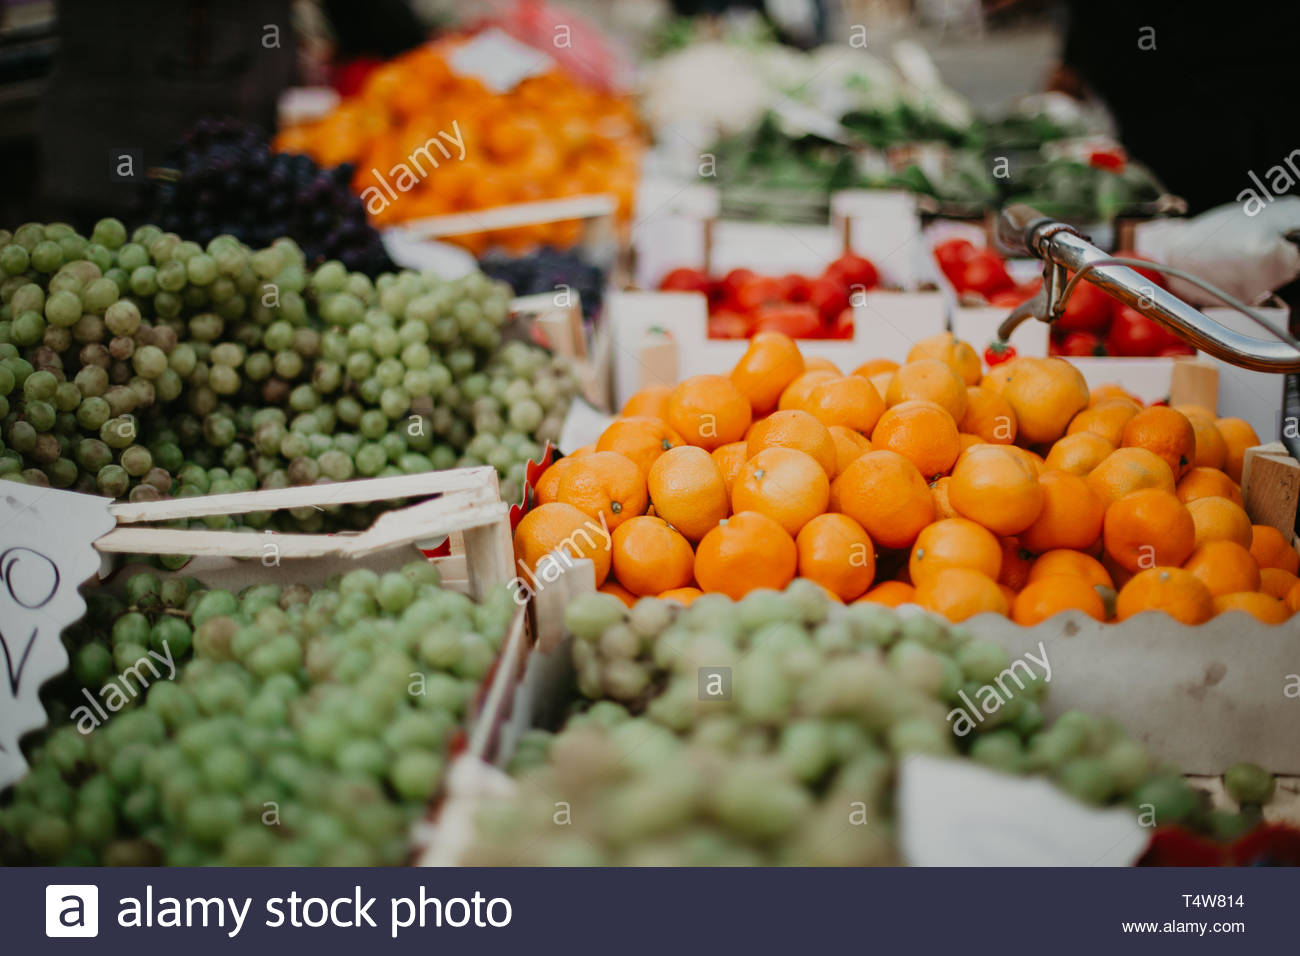 Mandarinen und Trauben auf dem Markt für frische Erzeugnisse Stockbild